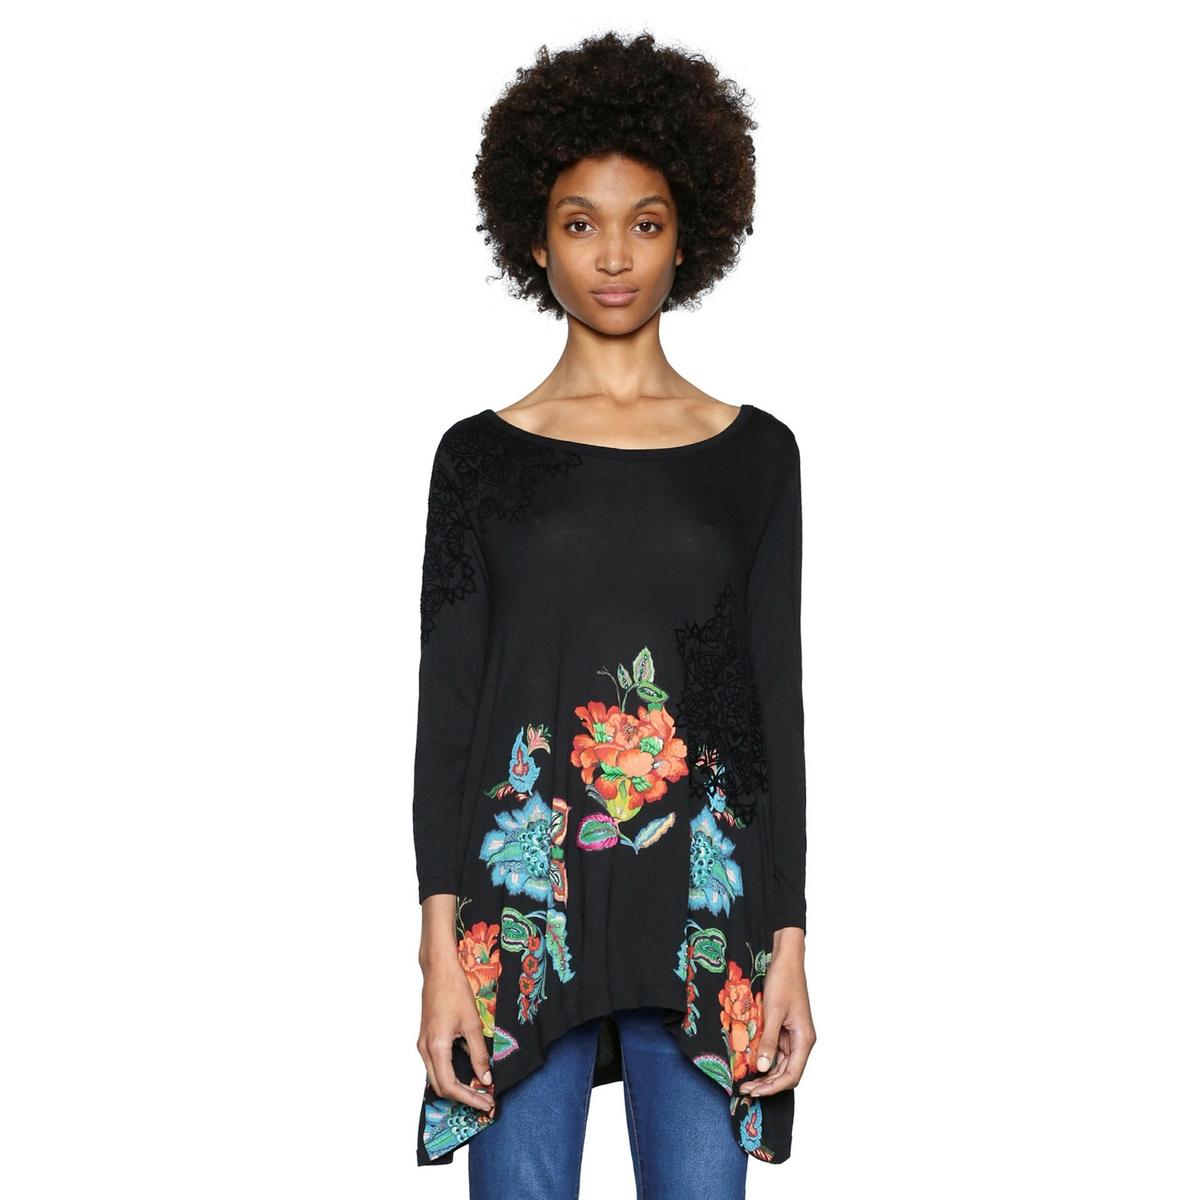 Camiseta con cuello redondo y estampado de flores, de manga larga